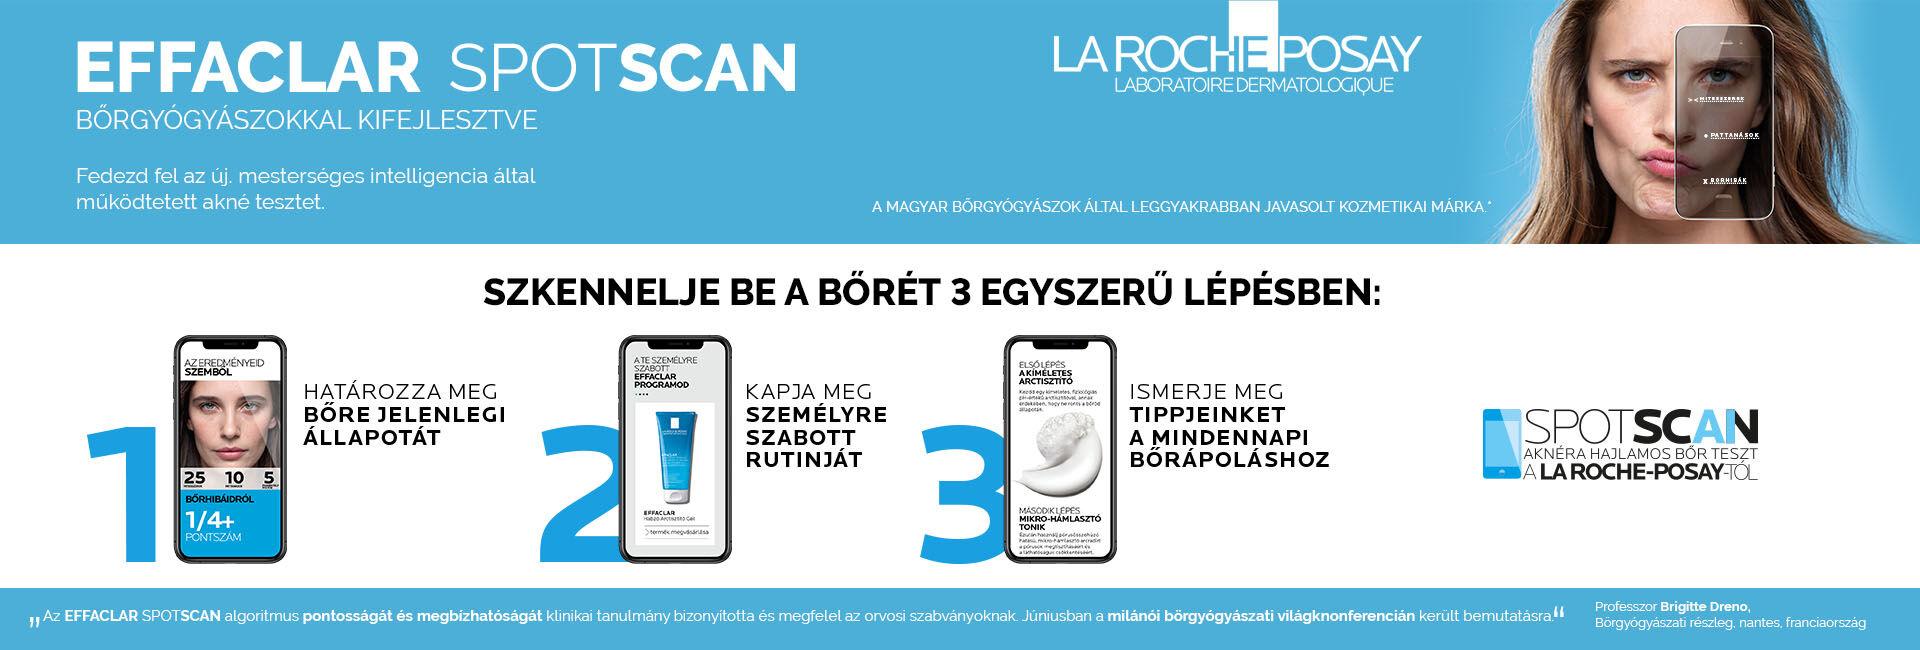 La ROche-Posay Spotscan